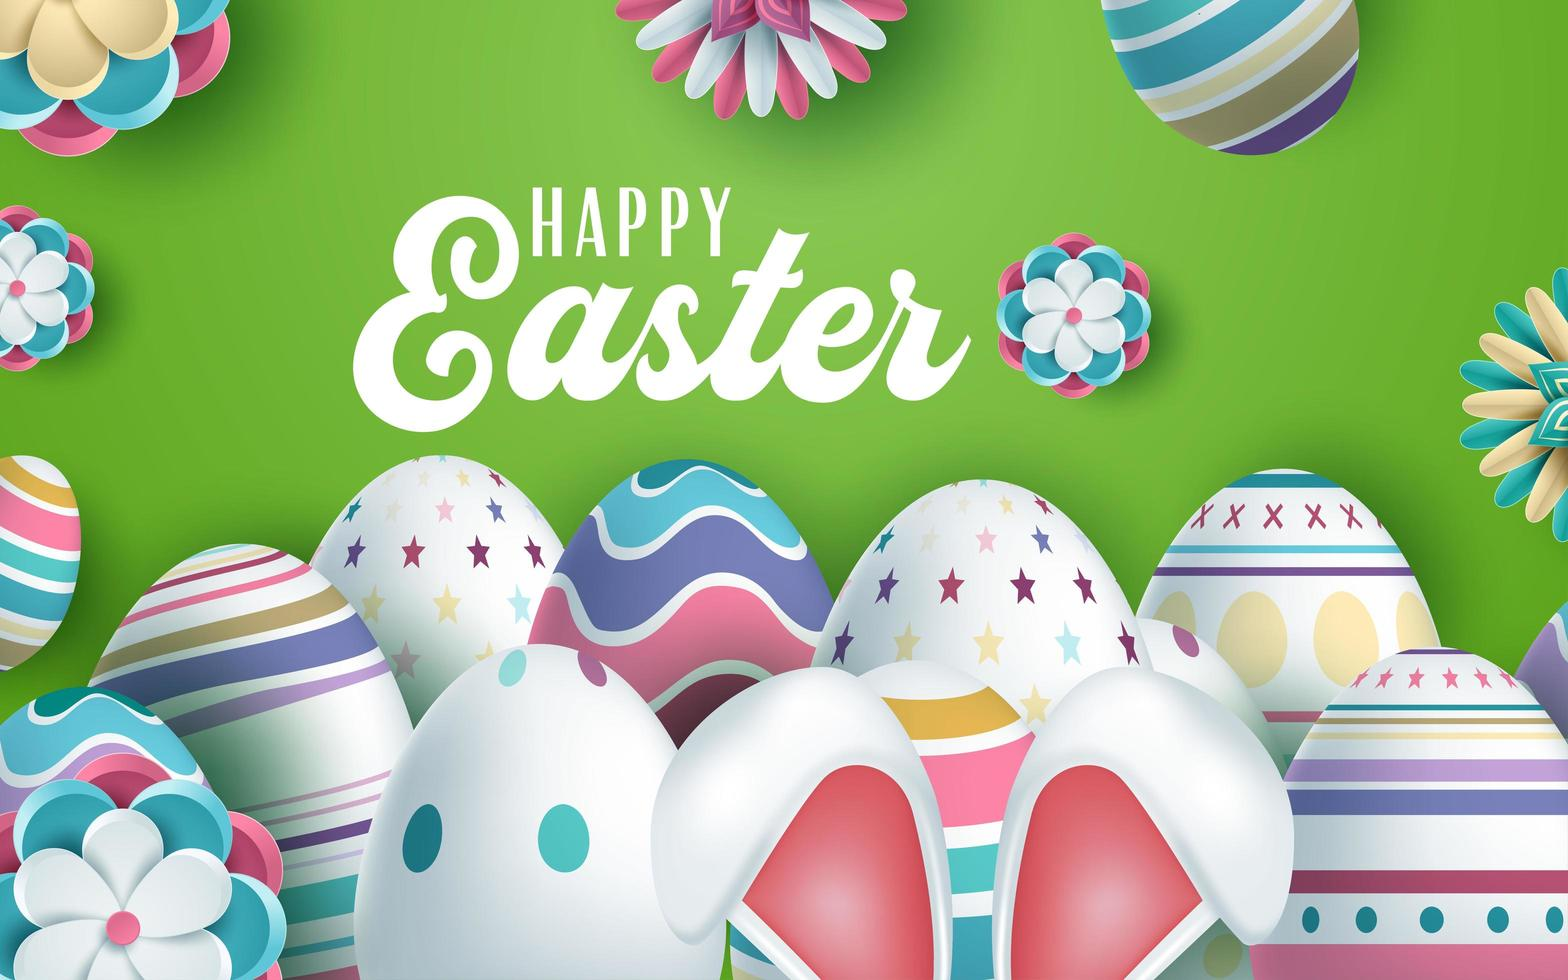 orejas de conejo y huevos decorados diseño de saludo de pascua vector